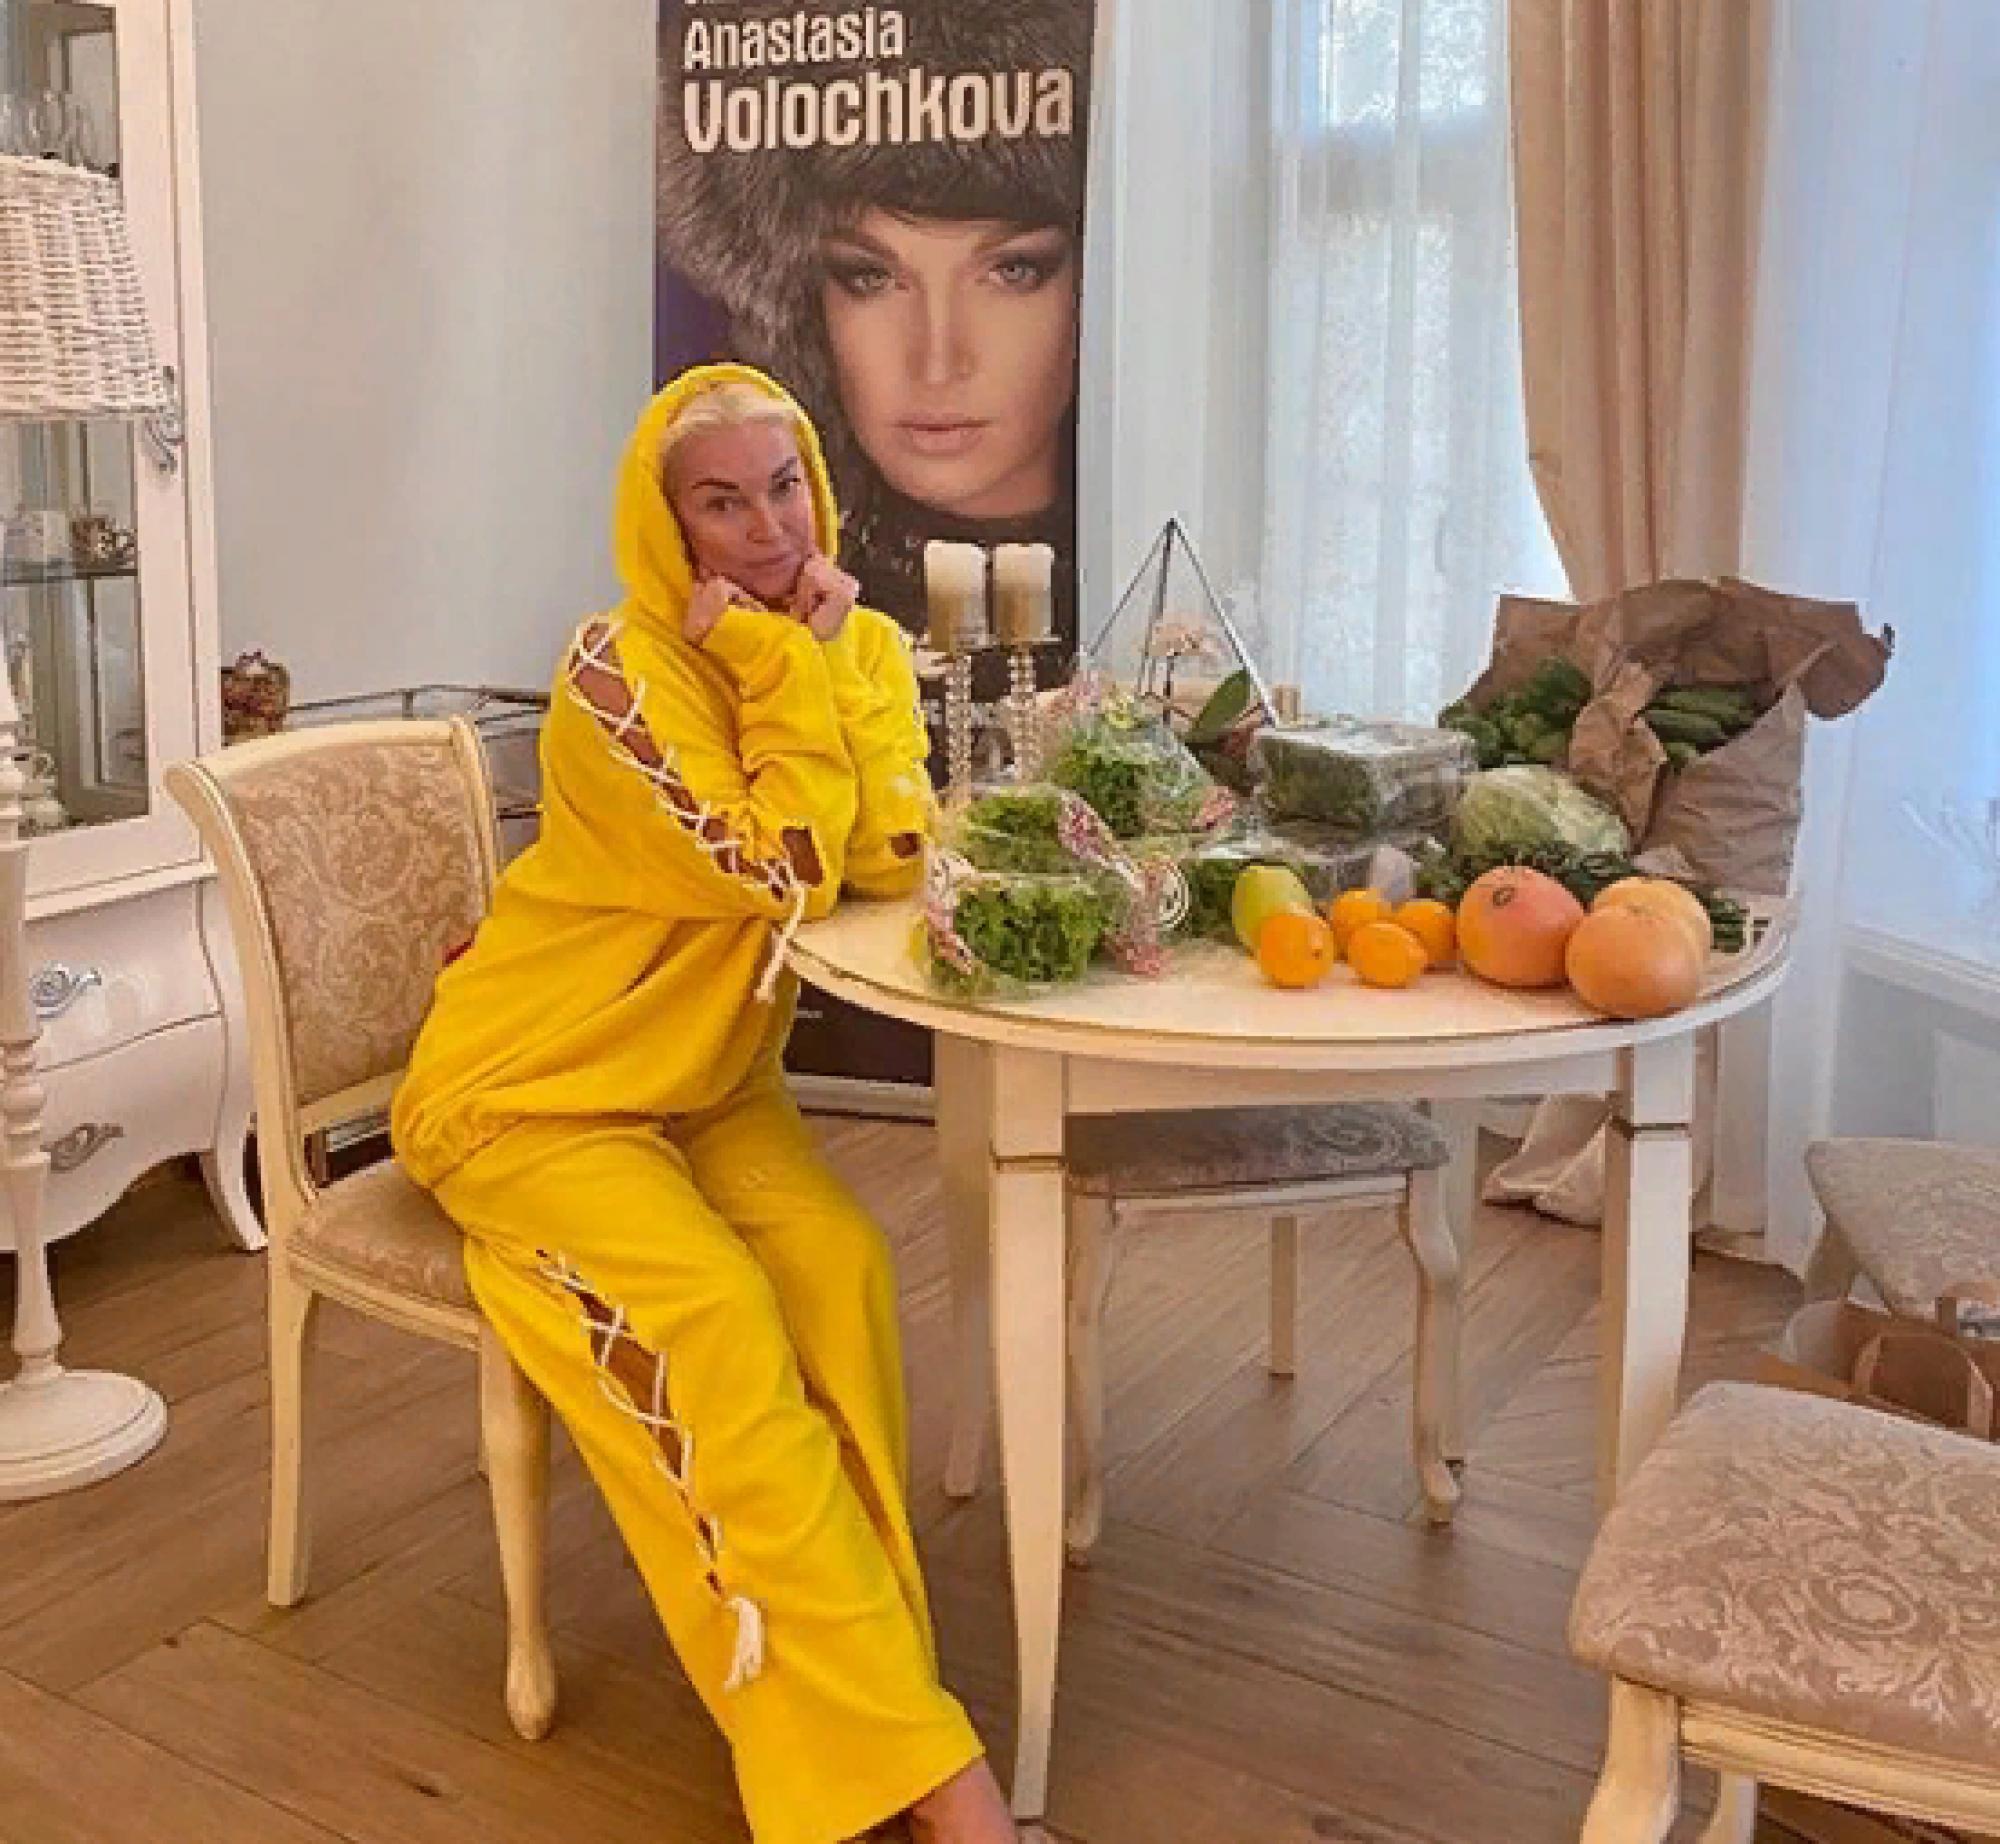 Анастасия Волочкова заинтриговала снимком с тайным незнакомцем (фото)